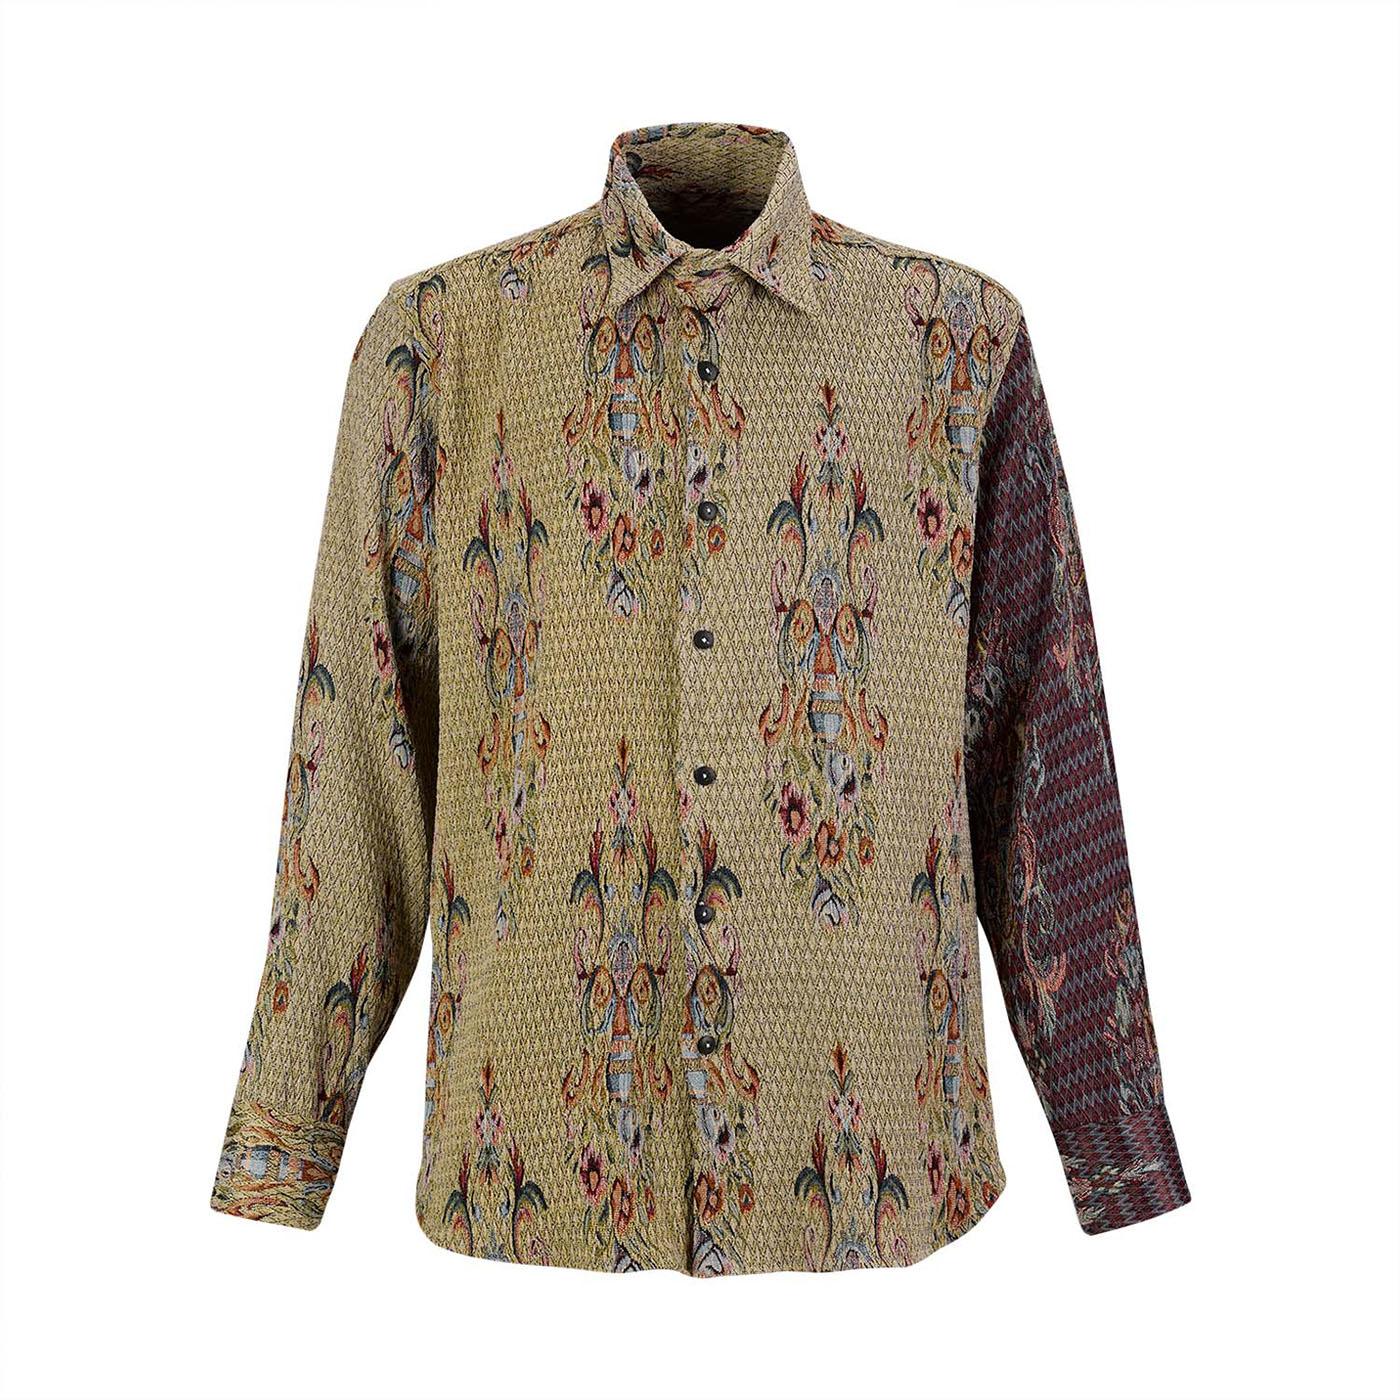 Jacqard Brocade Shirt Estelita Mendonça